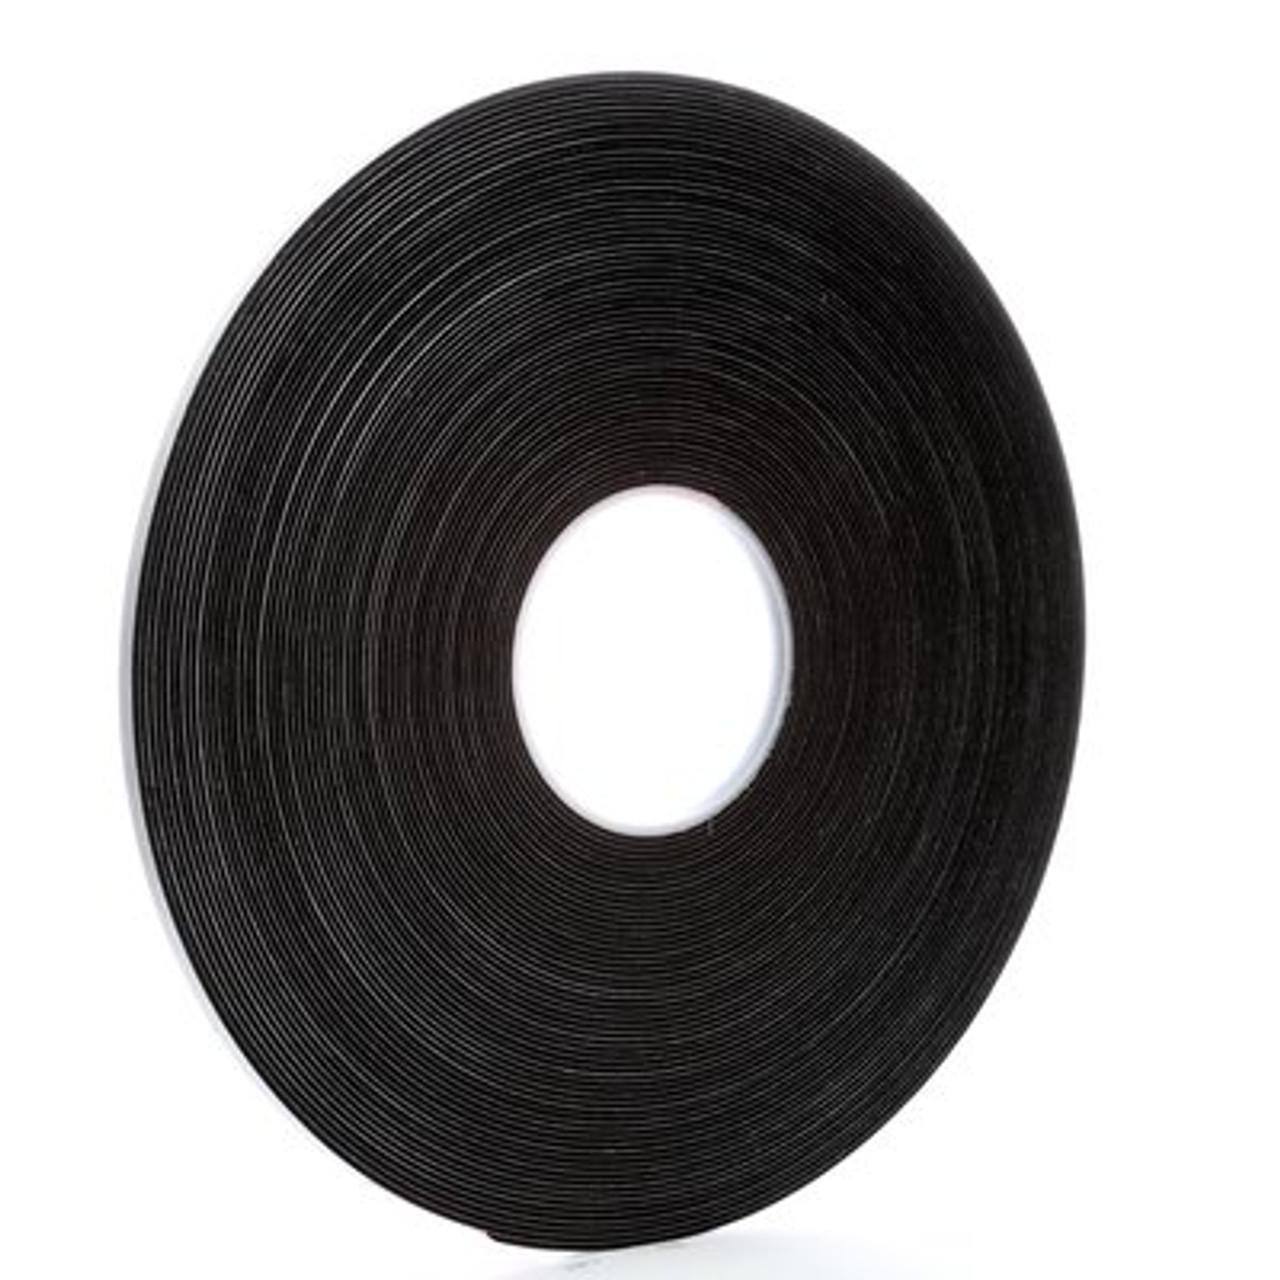 3M™ Vinyl Foam Tape 4516 Black, 1/4 in x 36 yd